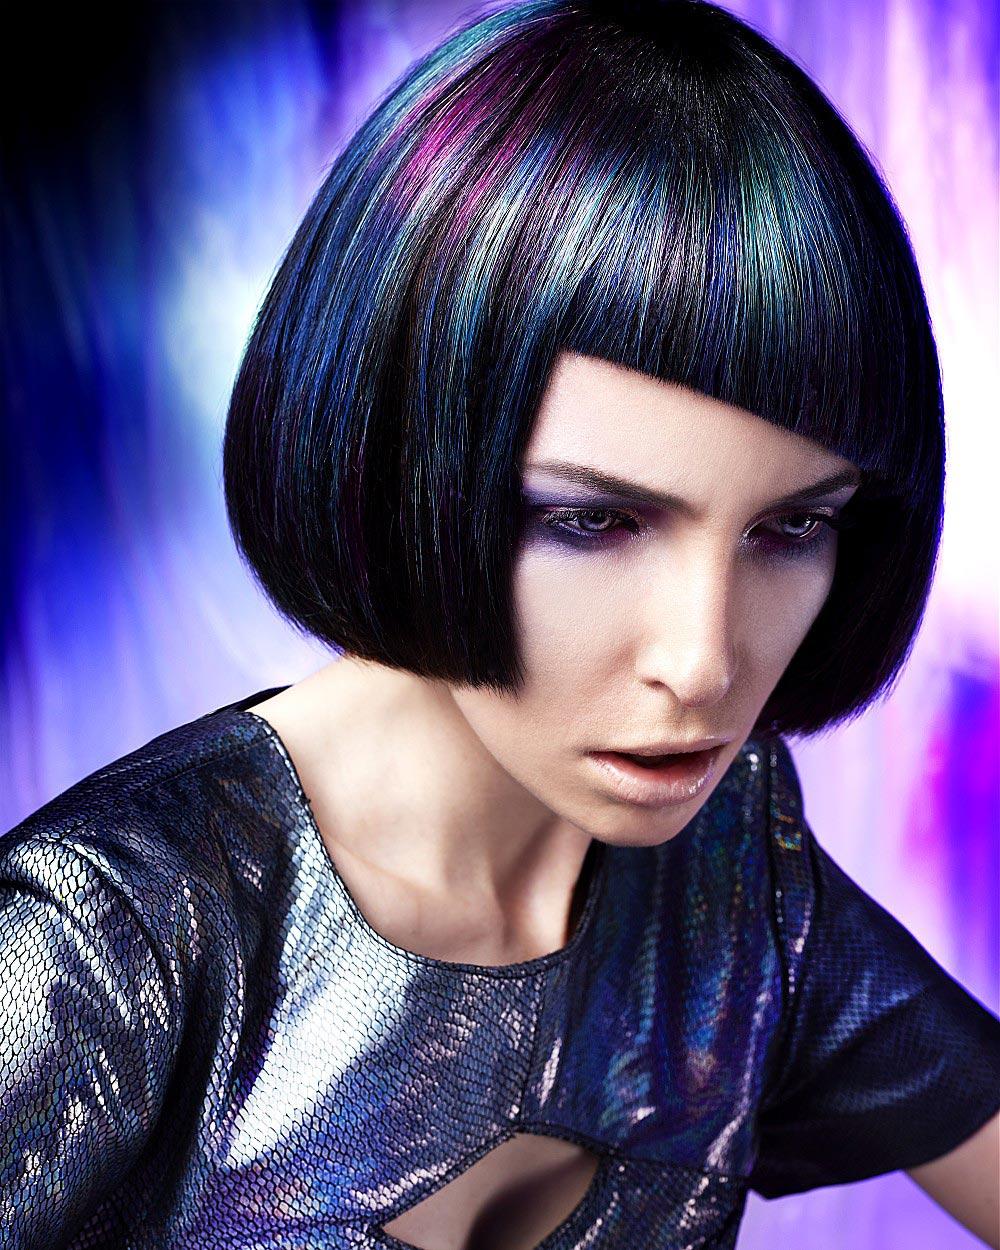 Modrá, fialová a černá barva vlasů? Může z toho vzniknout konzervativní účes, který se po nás očekává v práci? Anne Veck dokazuje, že ano. (Anne Veck, účesy z kolekce Northern Lights Collection.)